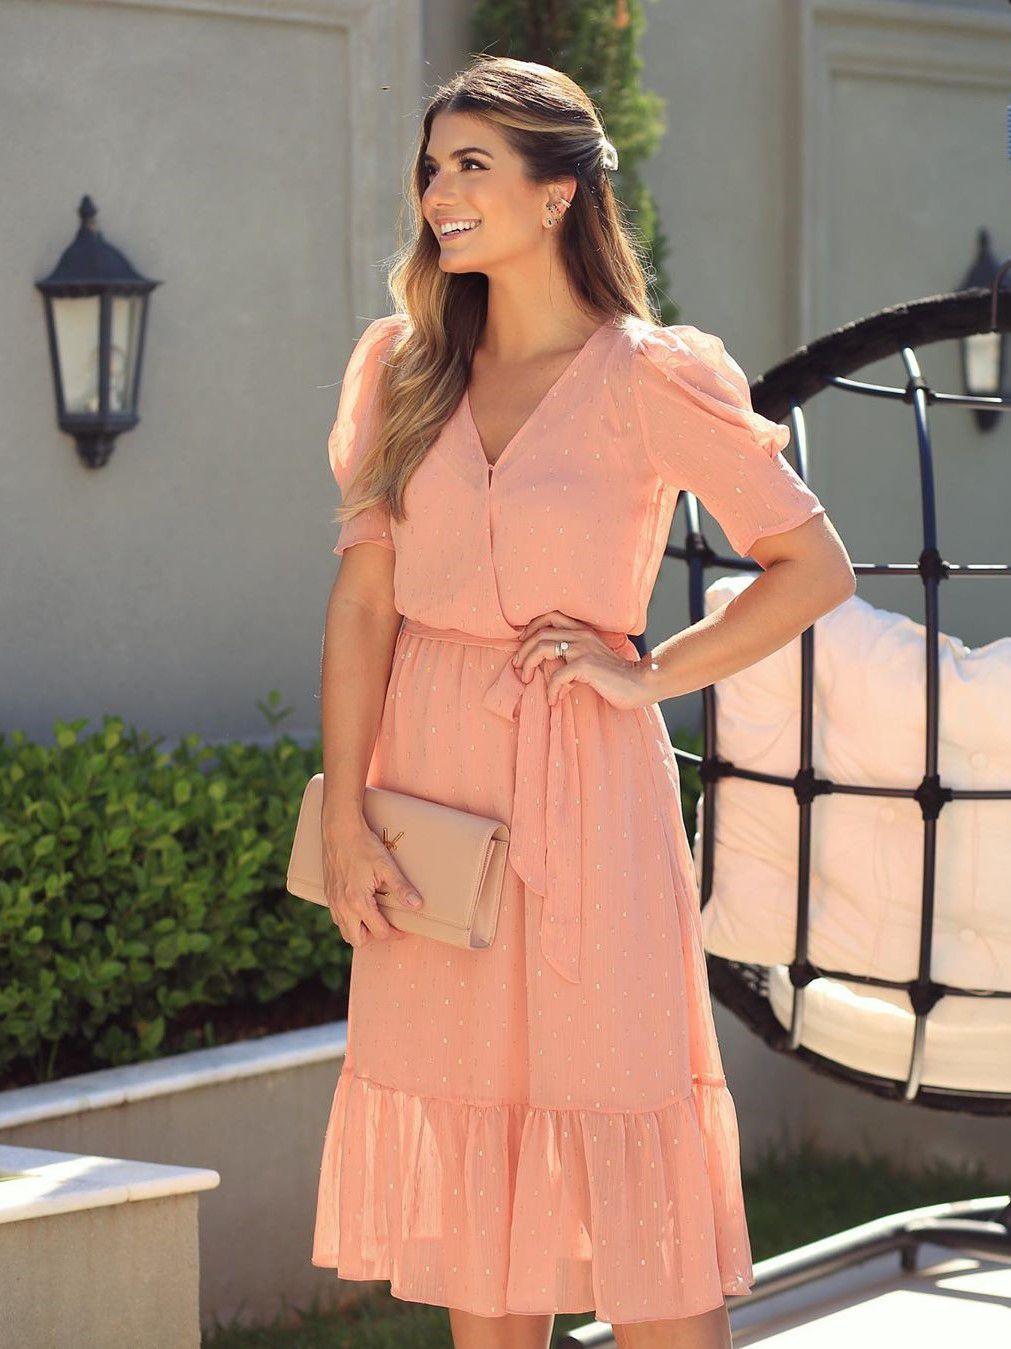 Vestido Midi Chiffon Transpassado Doce Flor Moda Festa Ariane